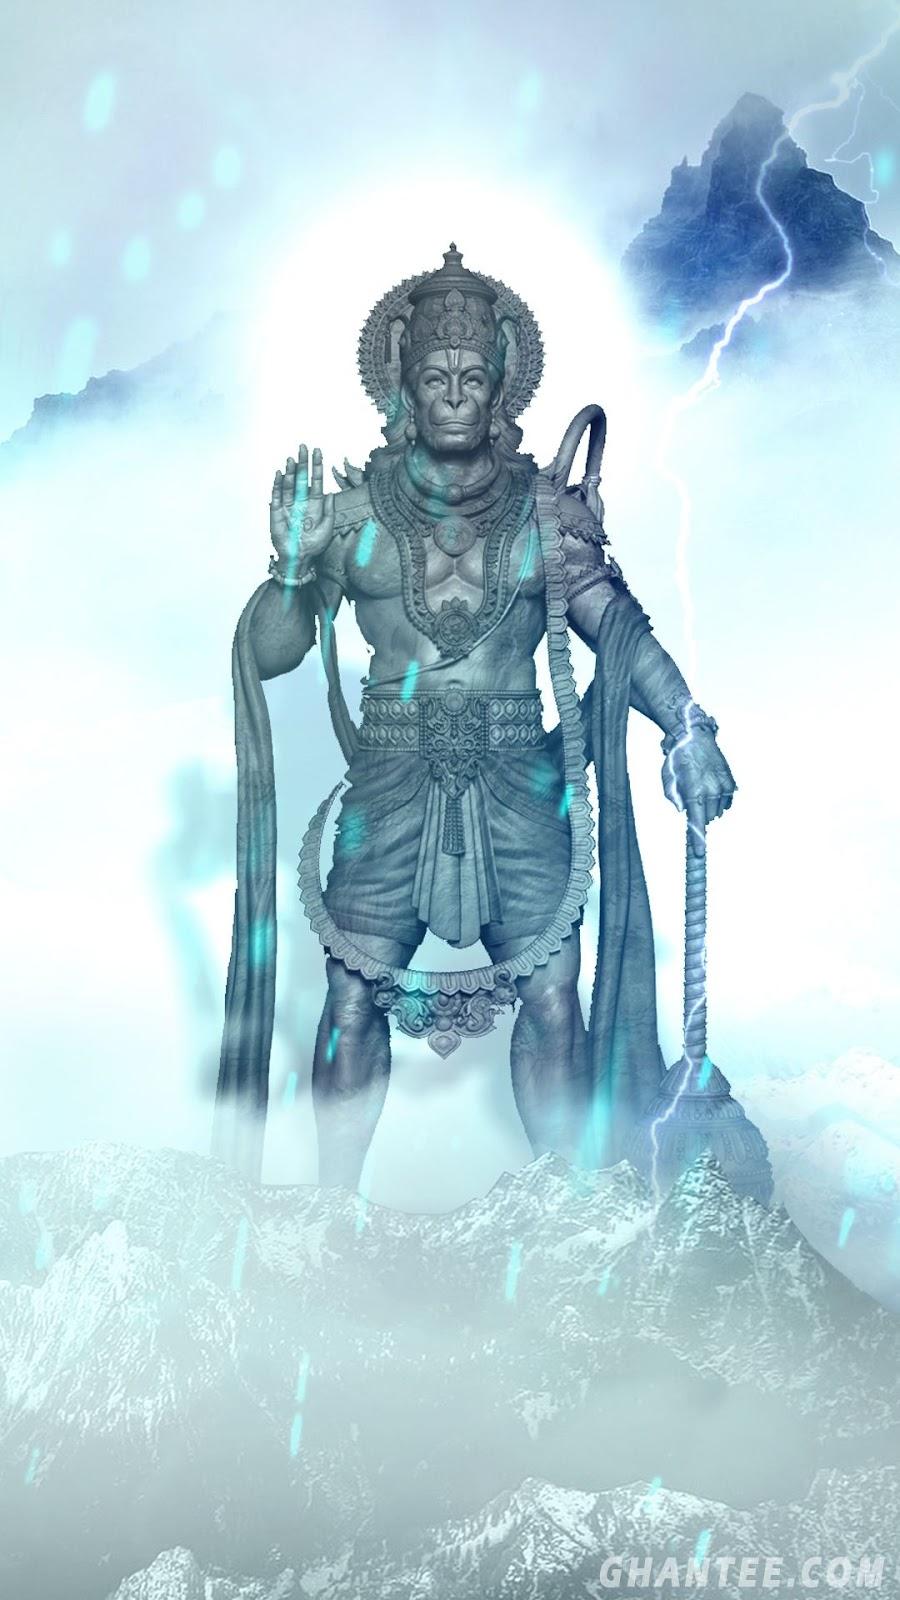 jay shri hanuman images